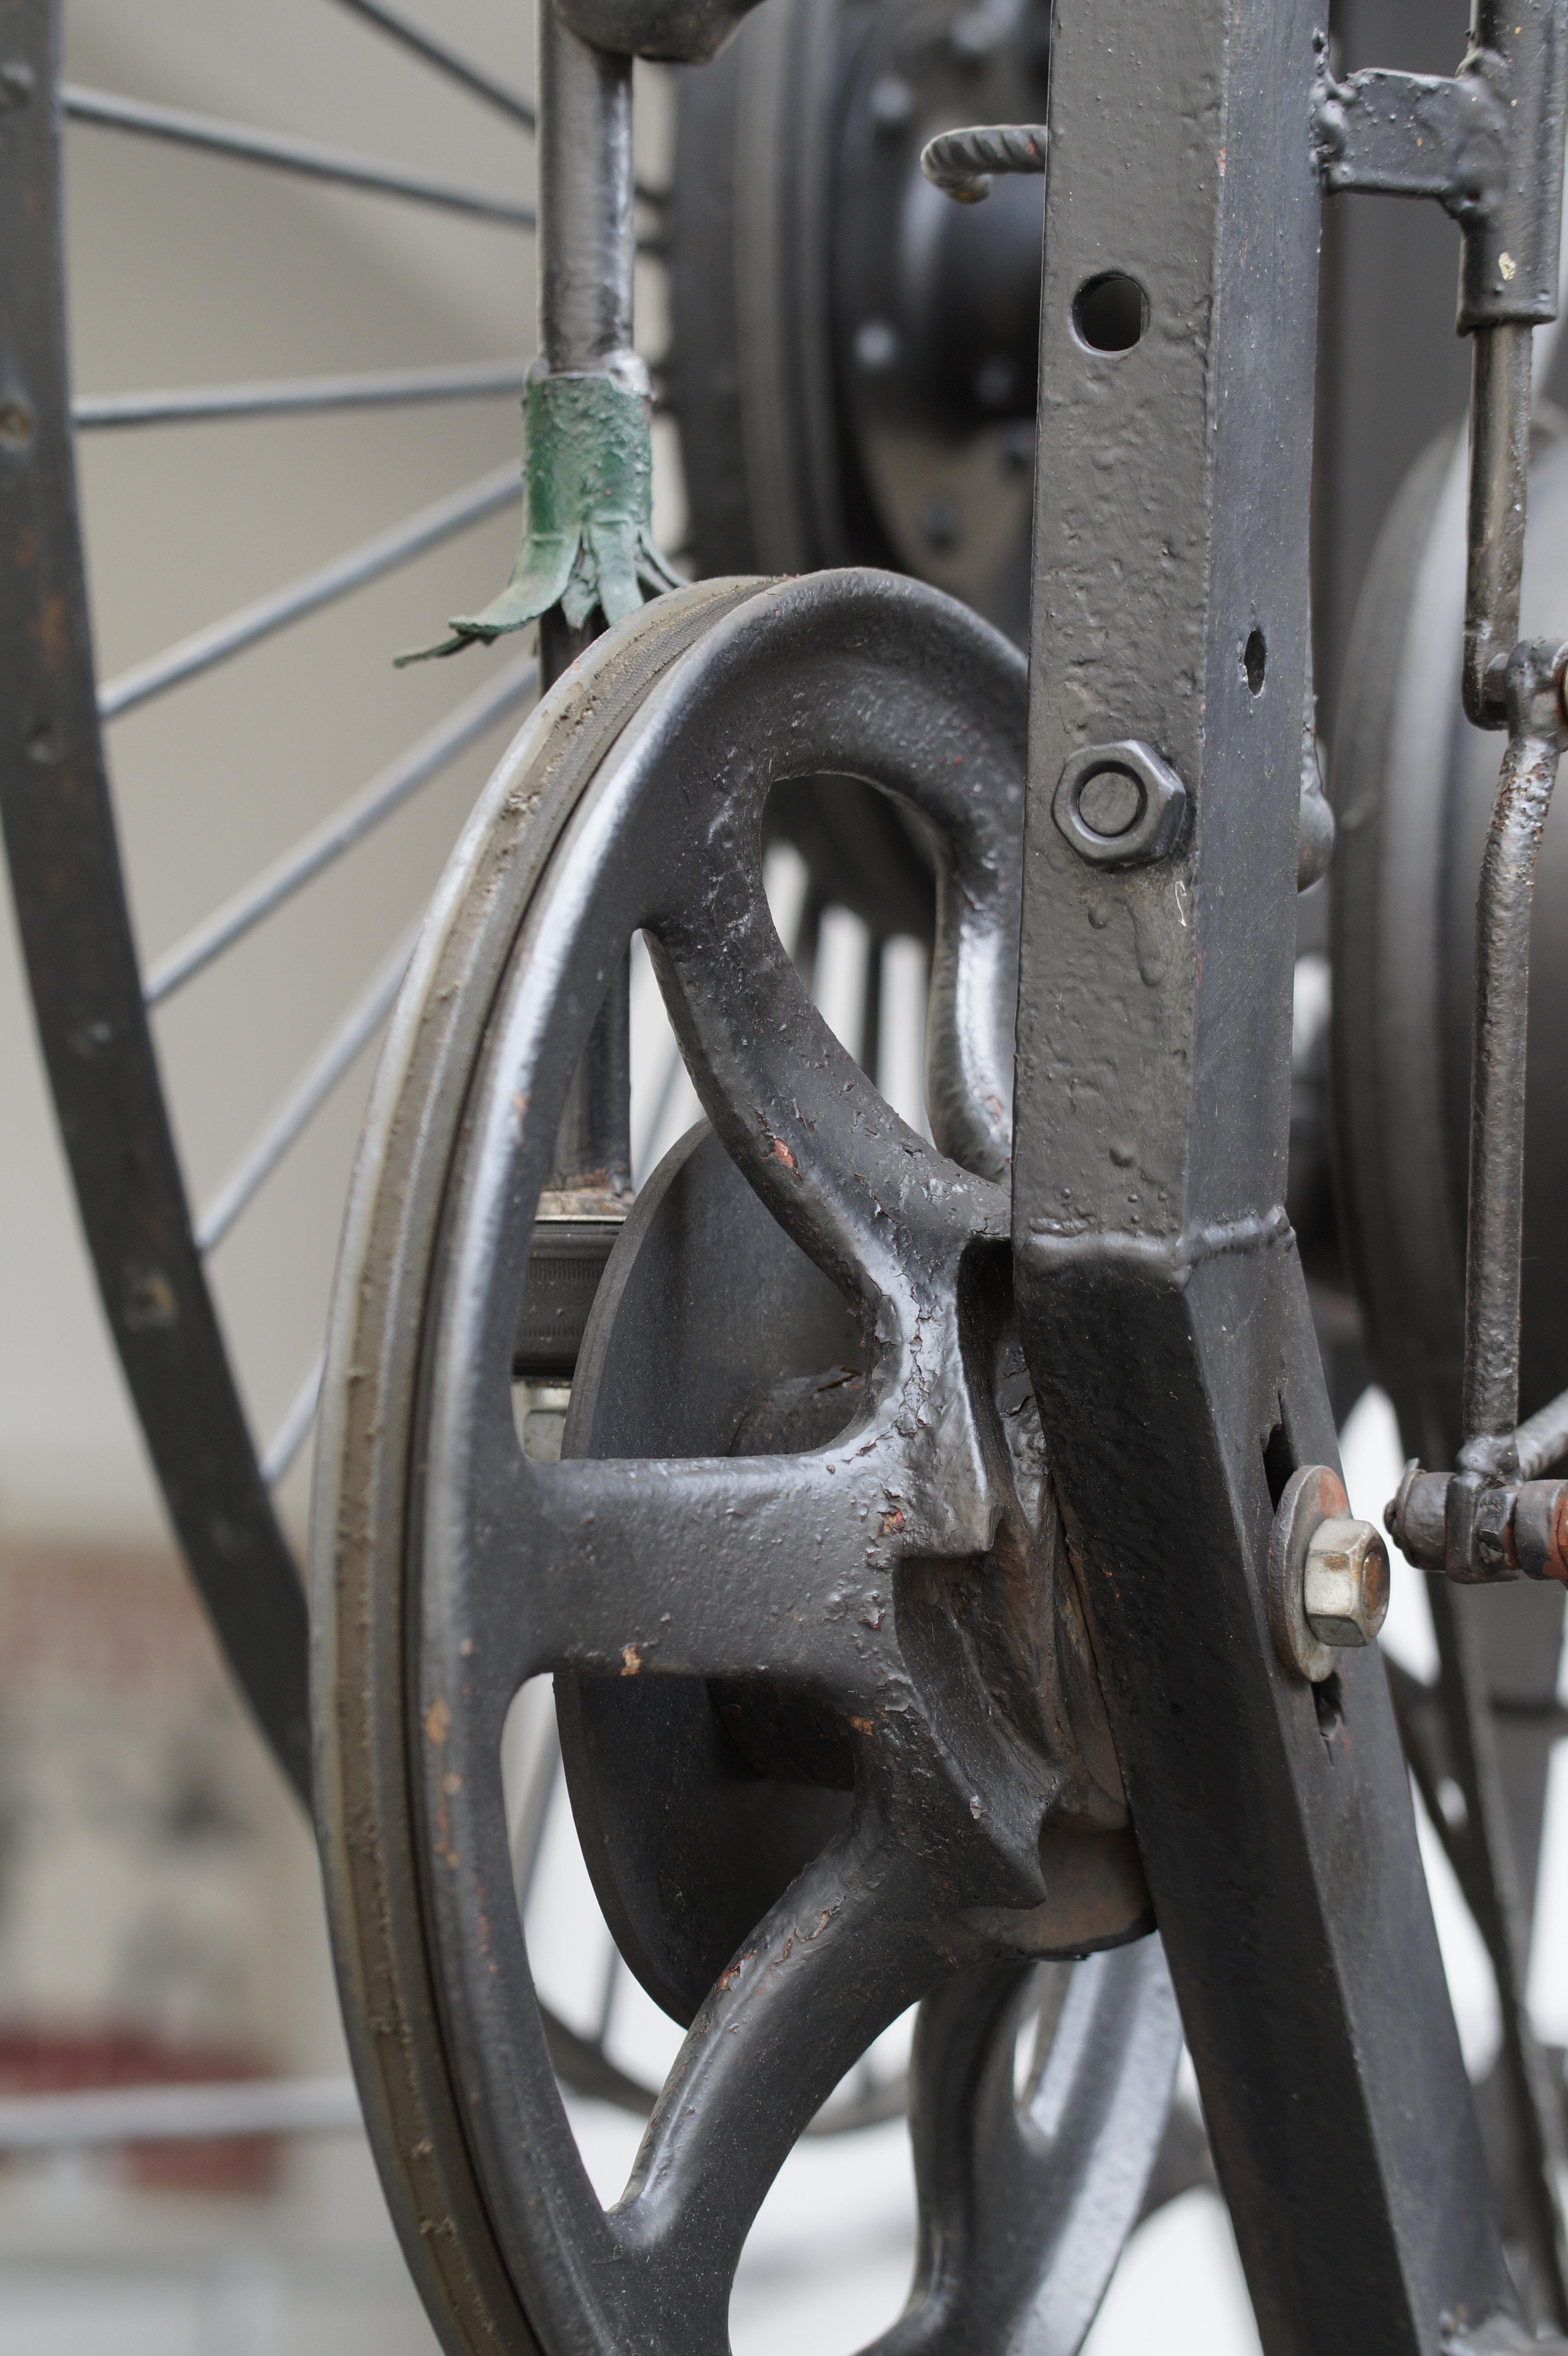 Fotos gratis : rueda, correr, construcción, vehículo, habló, manejar ...